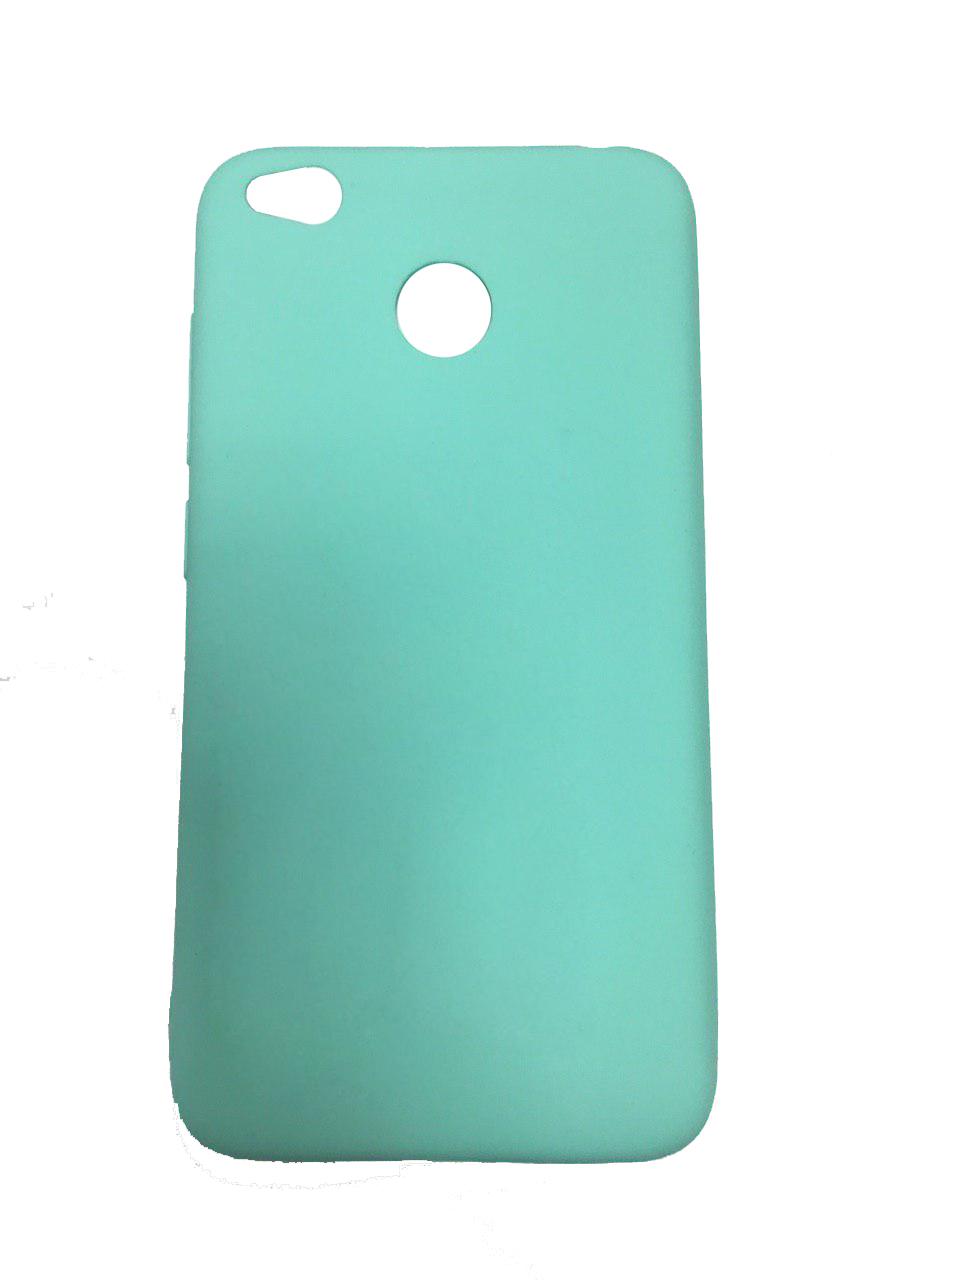 цена на Чехол для Xiaomi Redmi Note 4X Чехол для Xiaomi Redmi Note 4X (Бирюзовый)